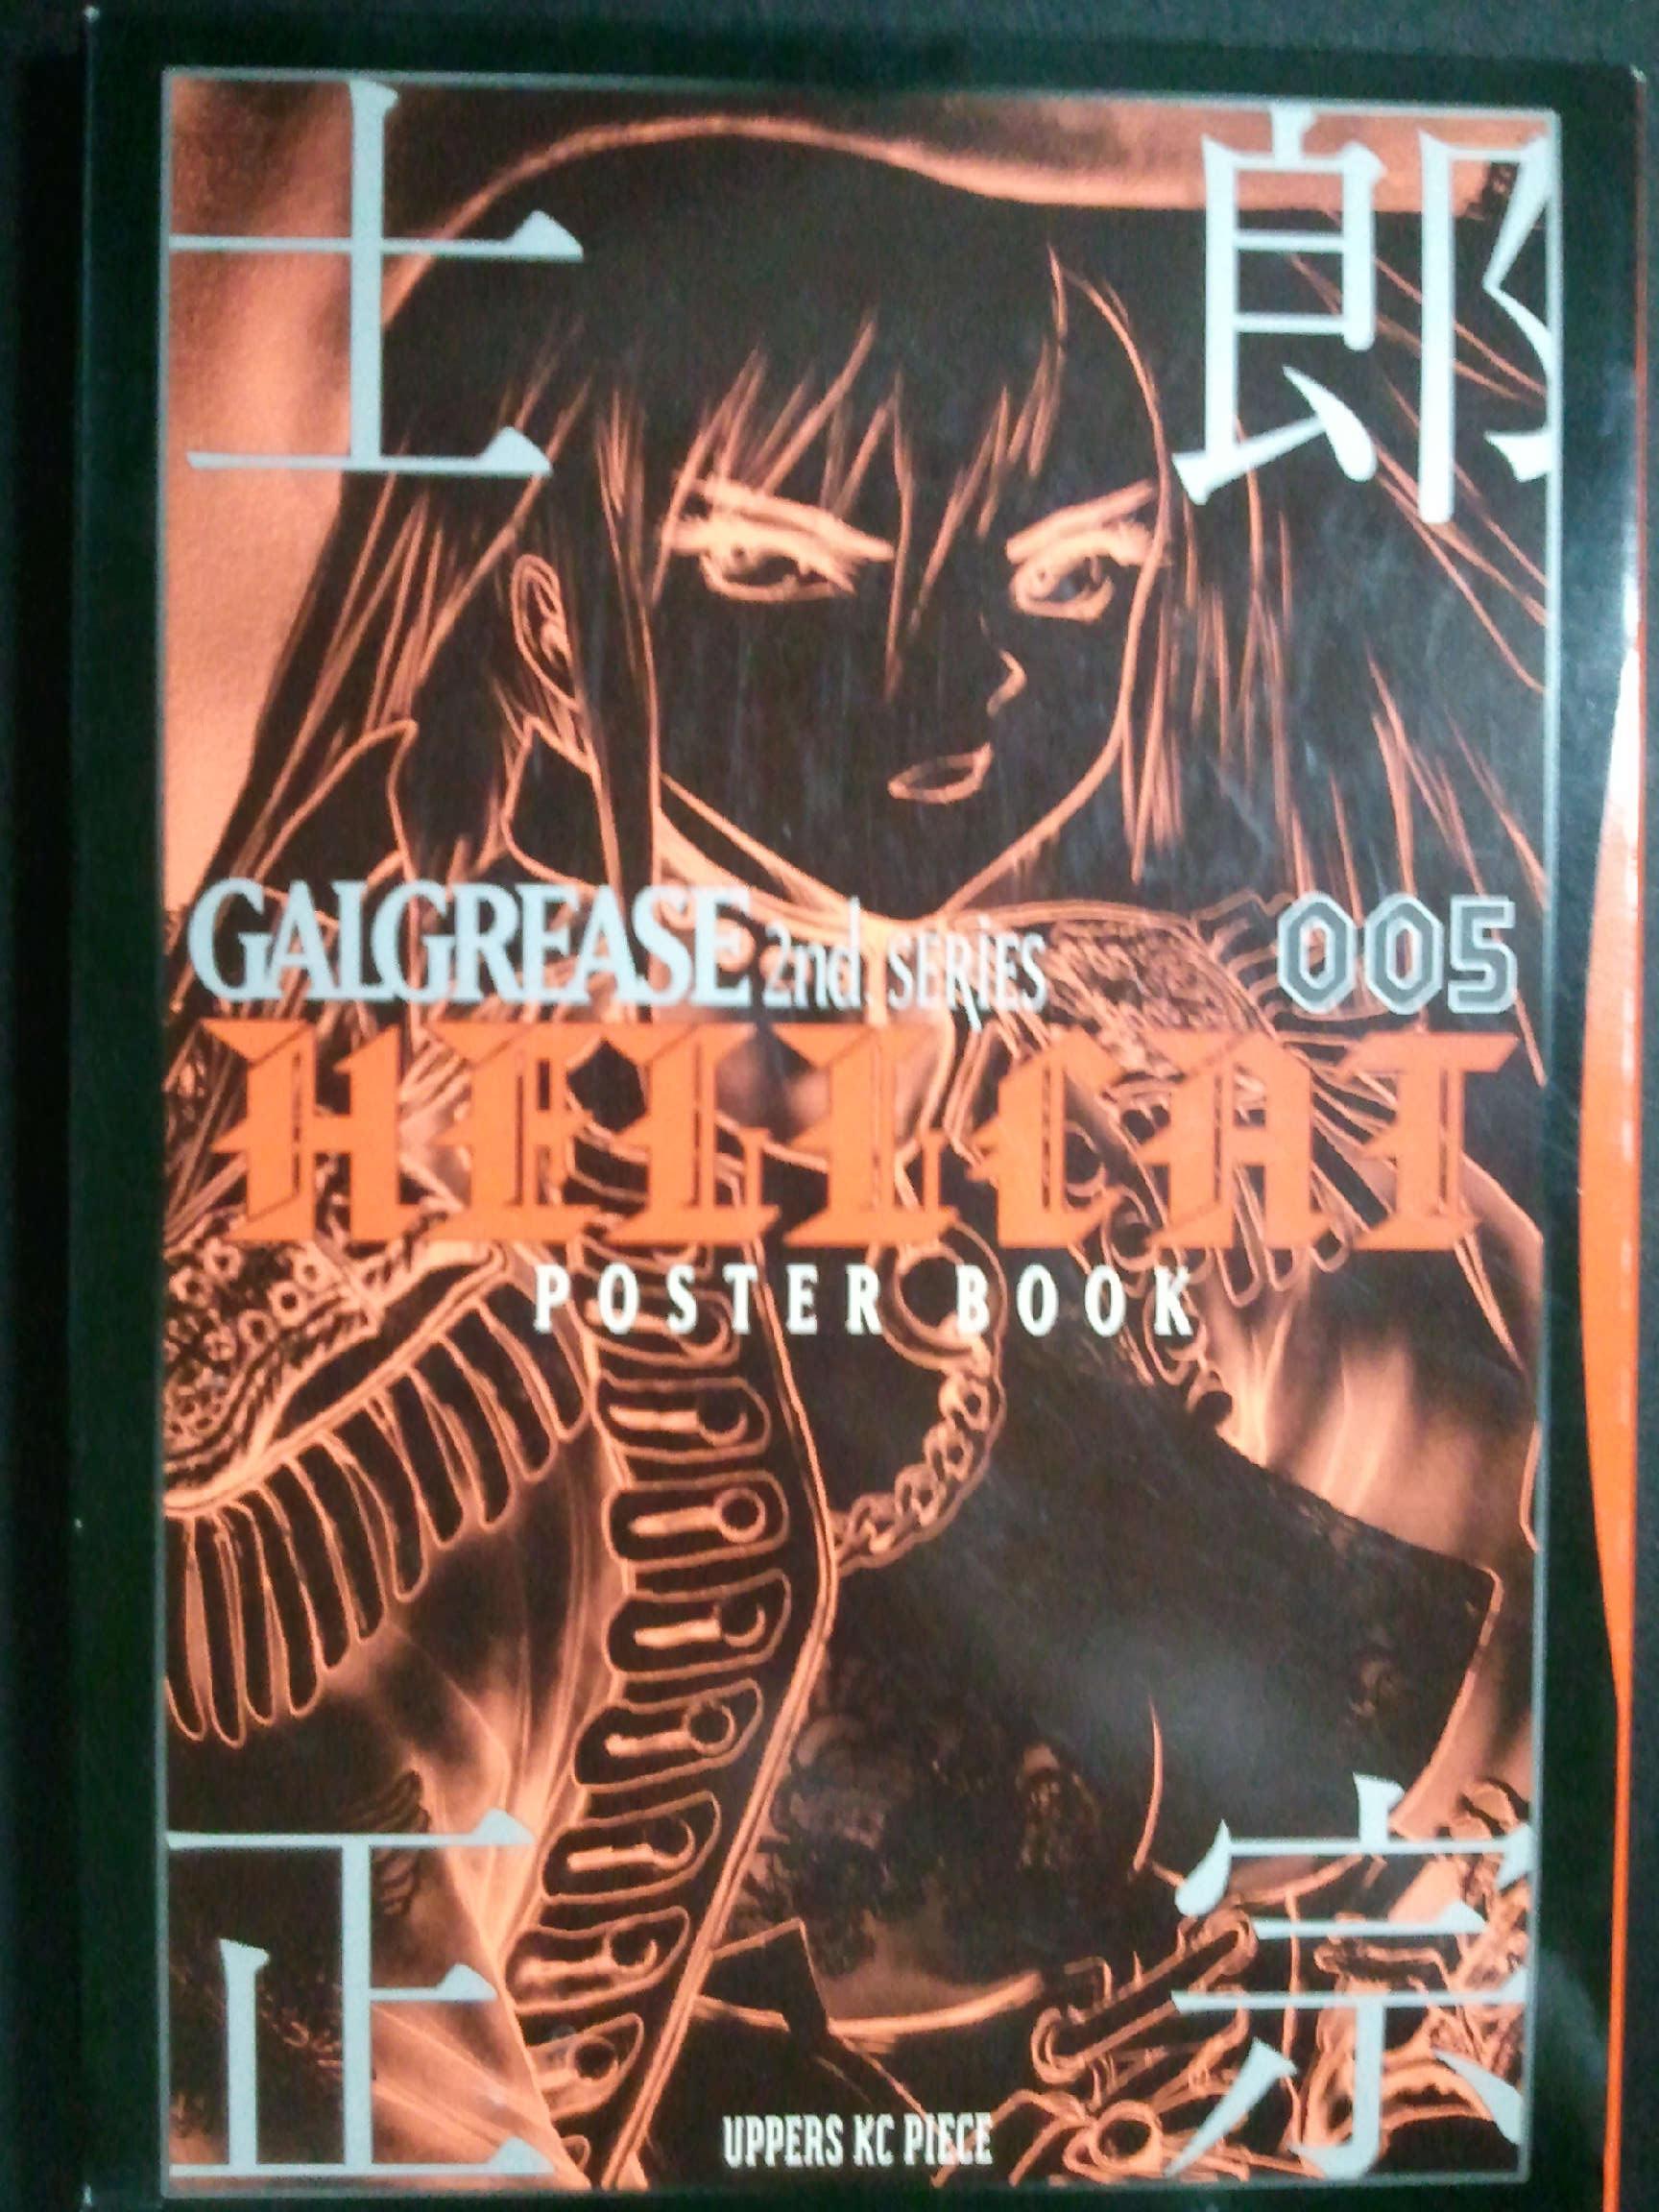 士郎正宗 Galgrease 2nd series Hellcat Poster Book